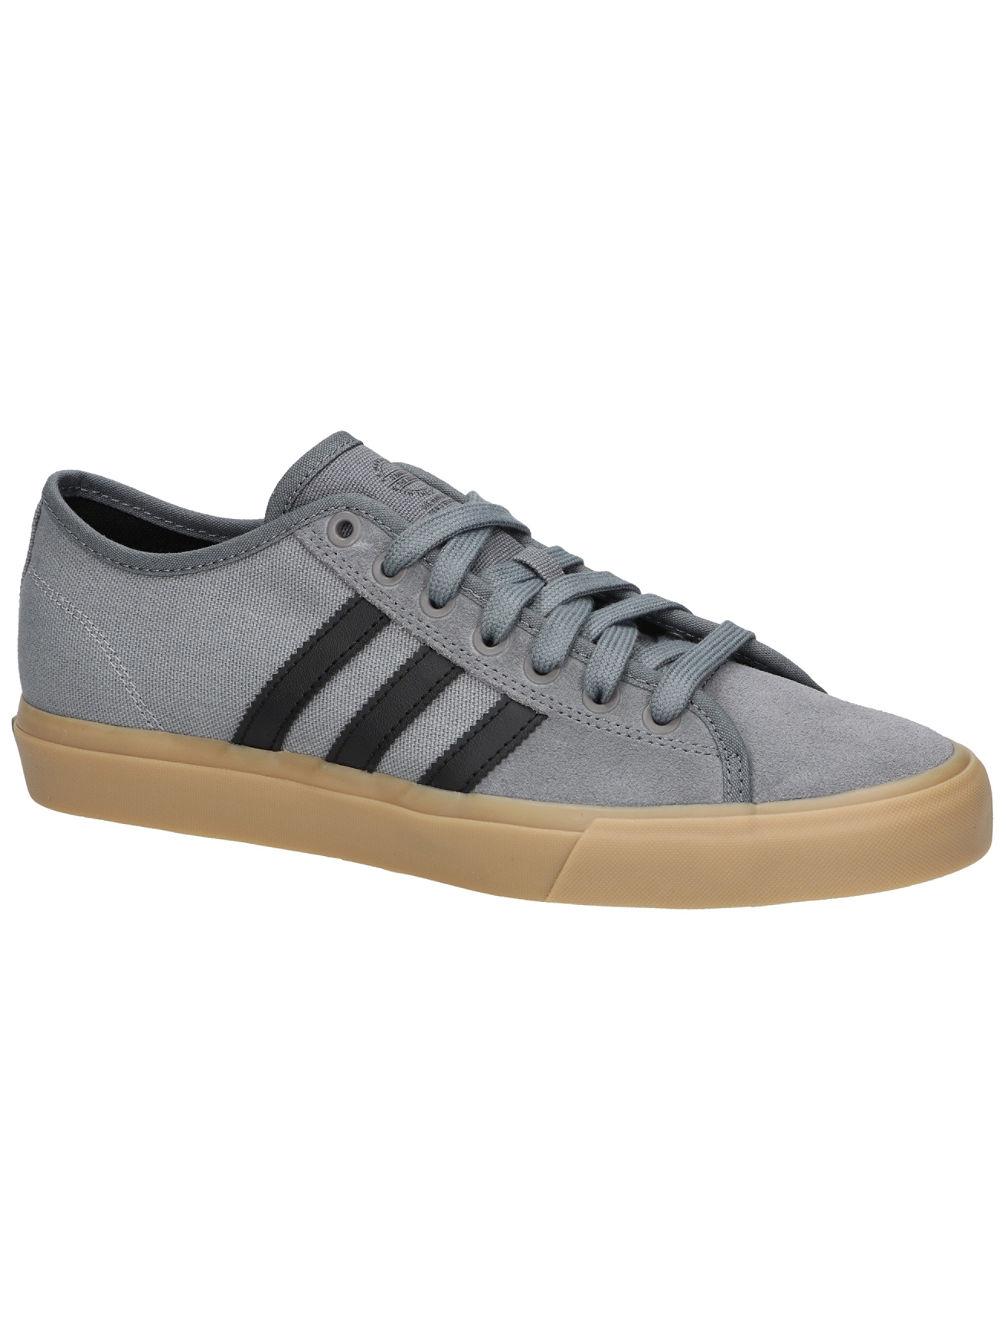 36fb1e7613407a Buy adidas Skateboarding Matchcourt RX Skate Shoes online at blue-tomato.com